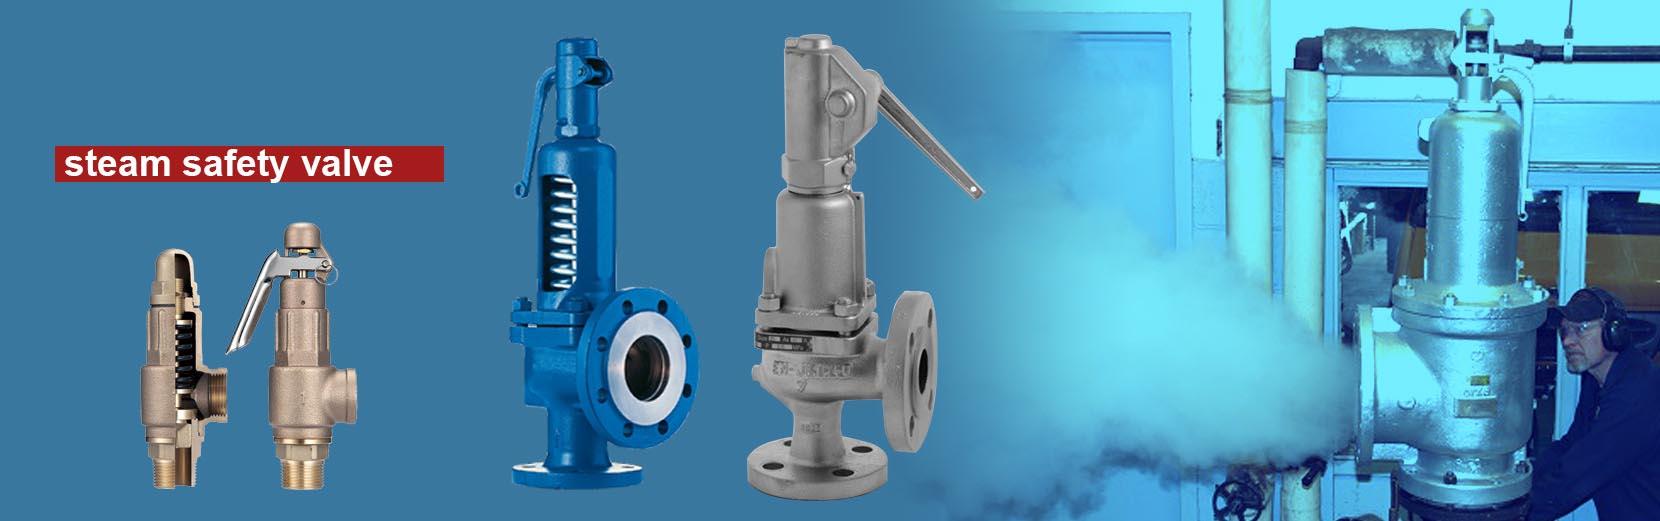 شیر اطمینان (steam safety valve)